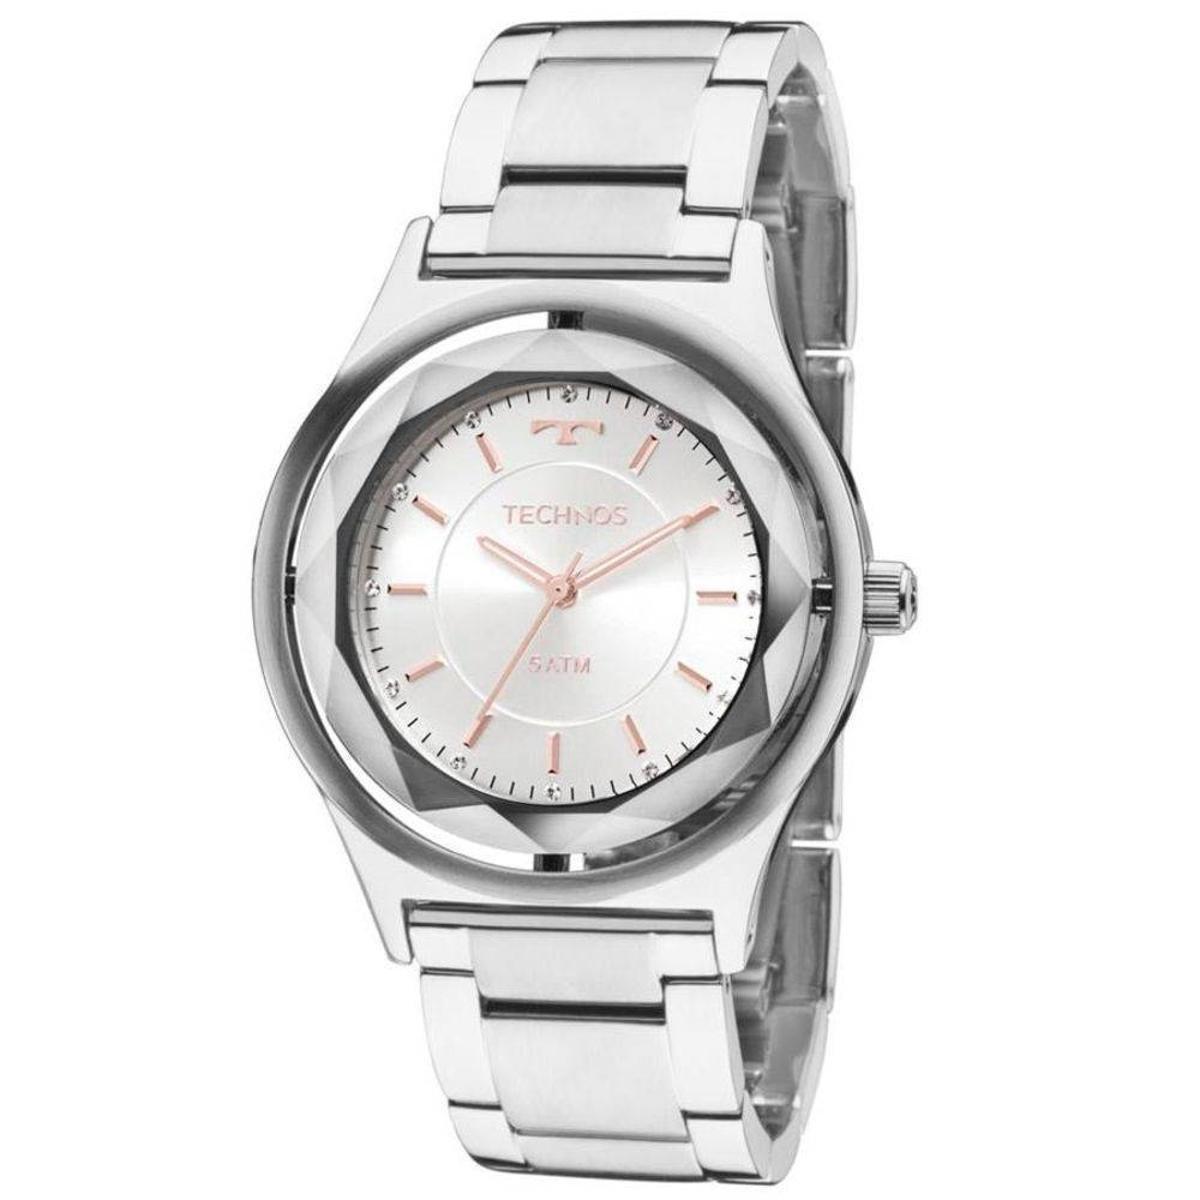 b6875bfd65ef8 Relógio Feminino Technos Analógico 2035Mia 1K - Prata - Compre Agora ...